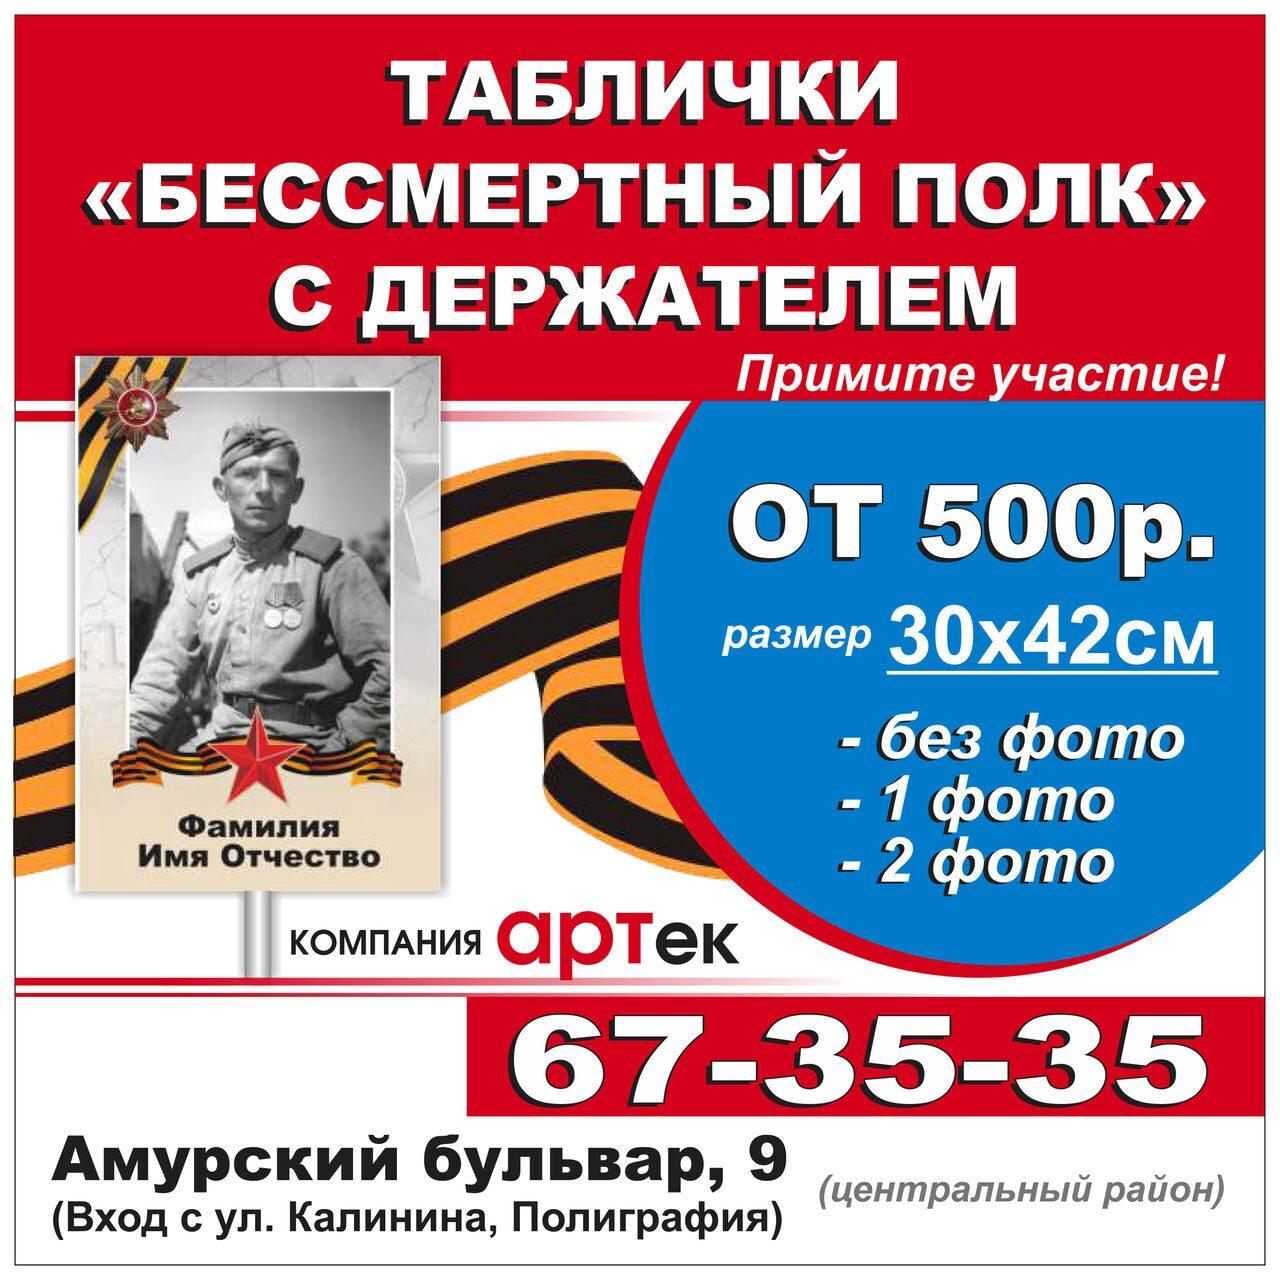 Табличка для бессмертного полка своими руками 96